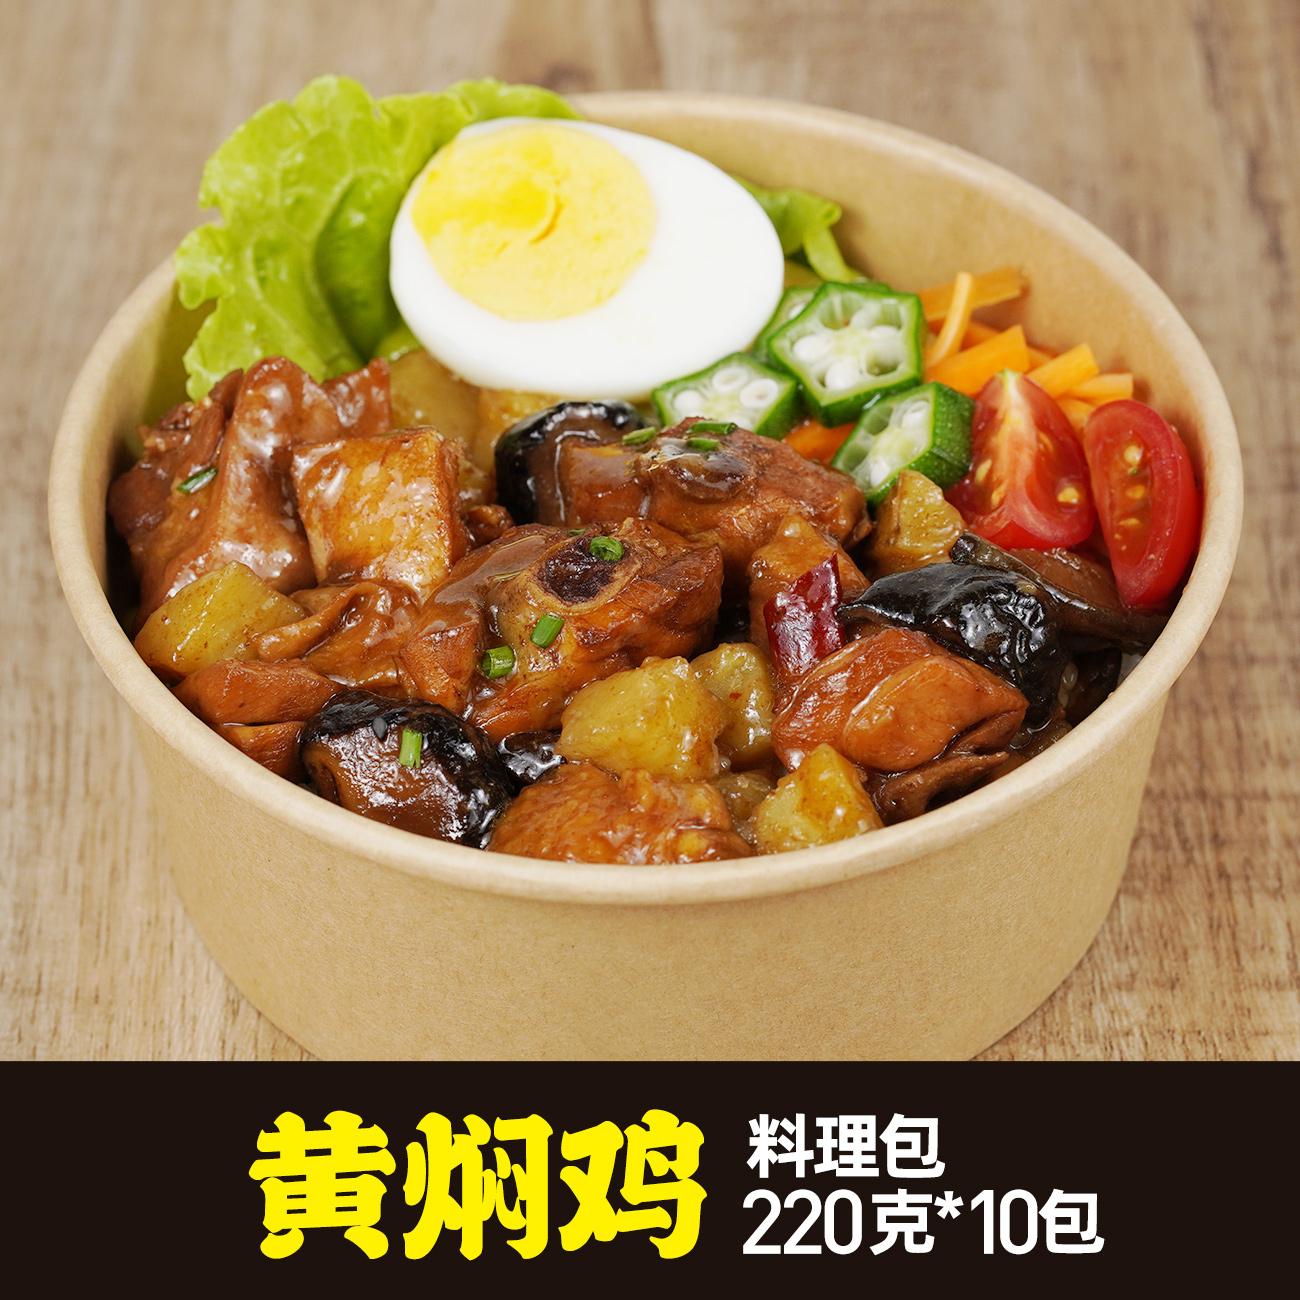 菜洋洋黄焖鸡220g10包 速冻料理包速食菜半成品菜快餐方便菜外卖